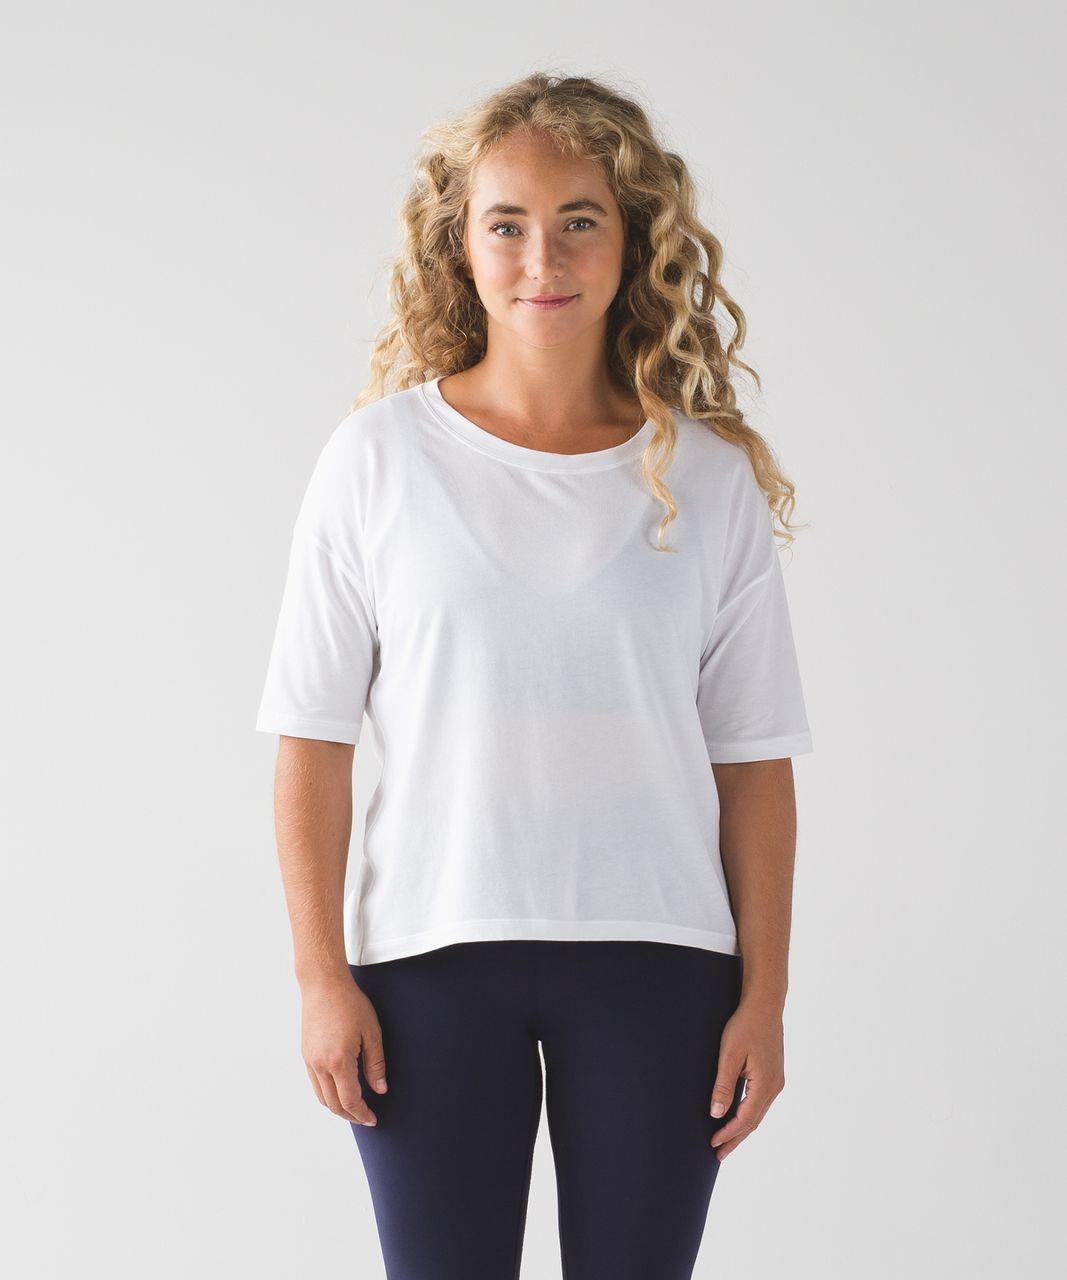 Lululemon Ambleside Crew Short Sleeve - White